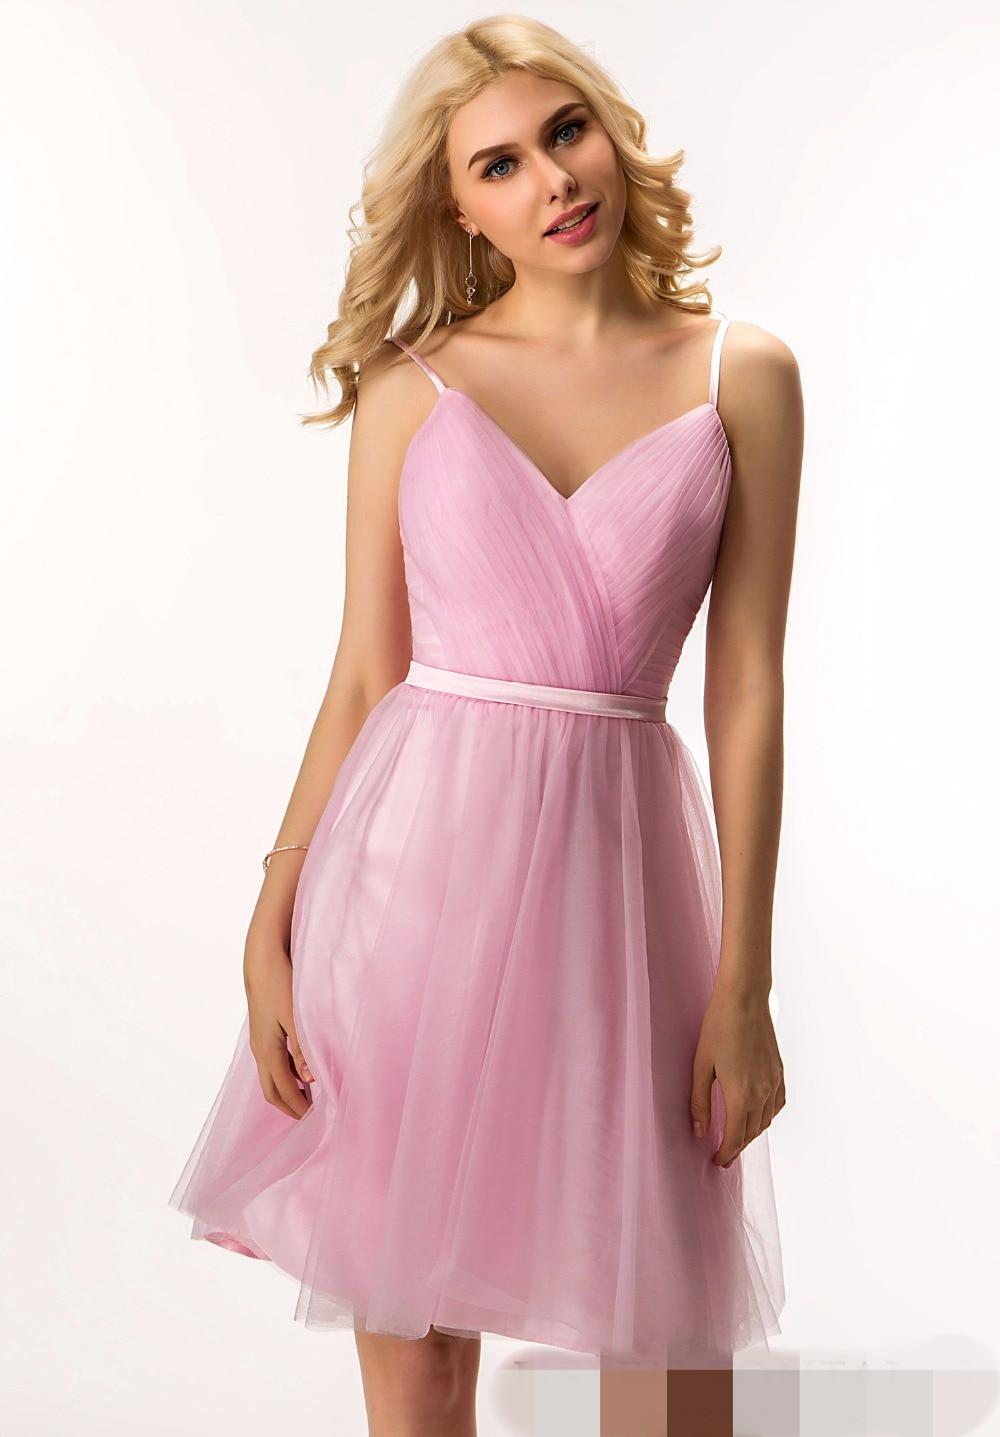 Asombroso Vestidos De Dama Informal Fotos - Colección de Vestidos de ...